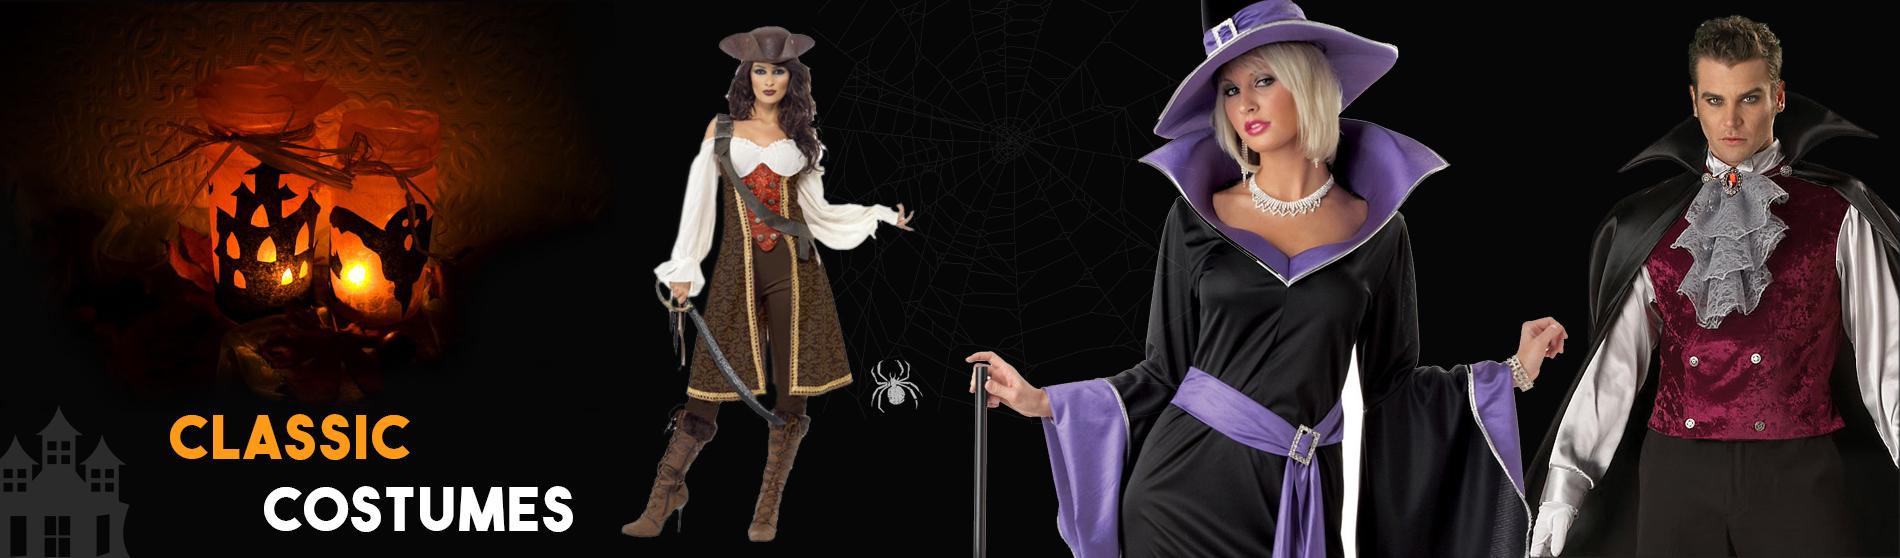 Classic-Costumes